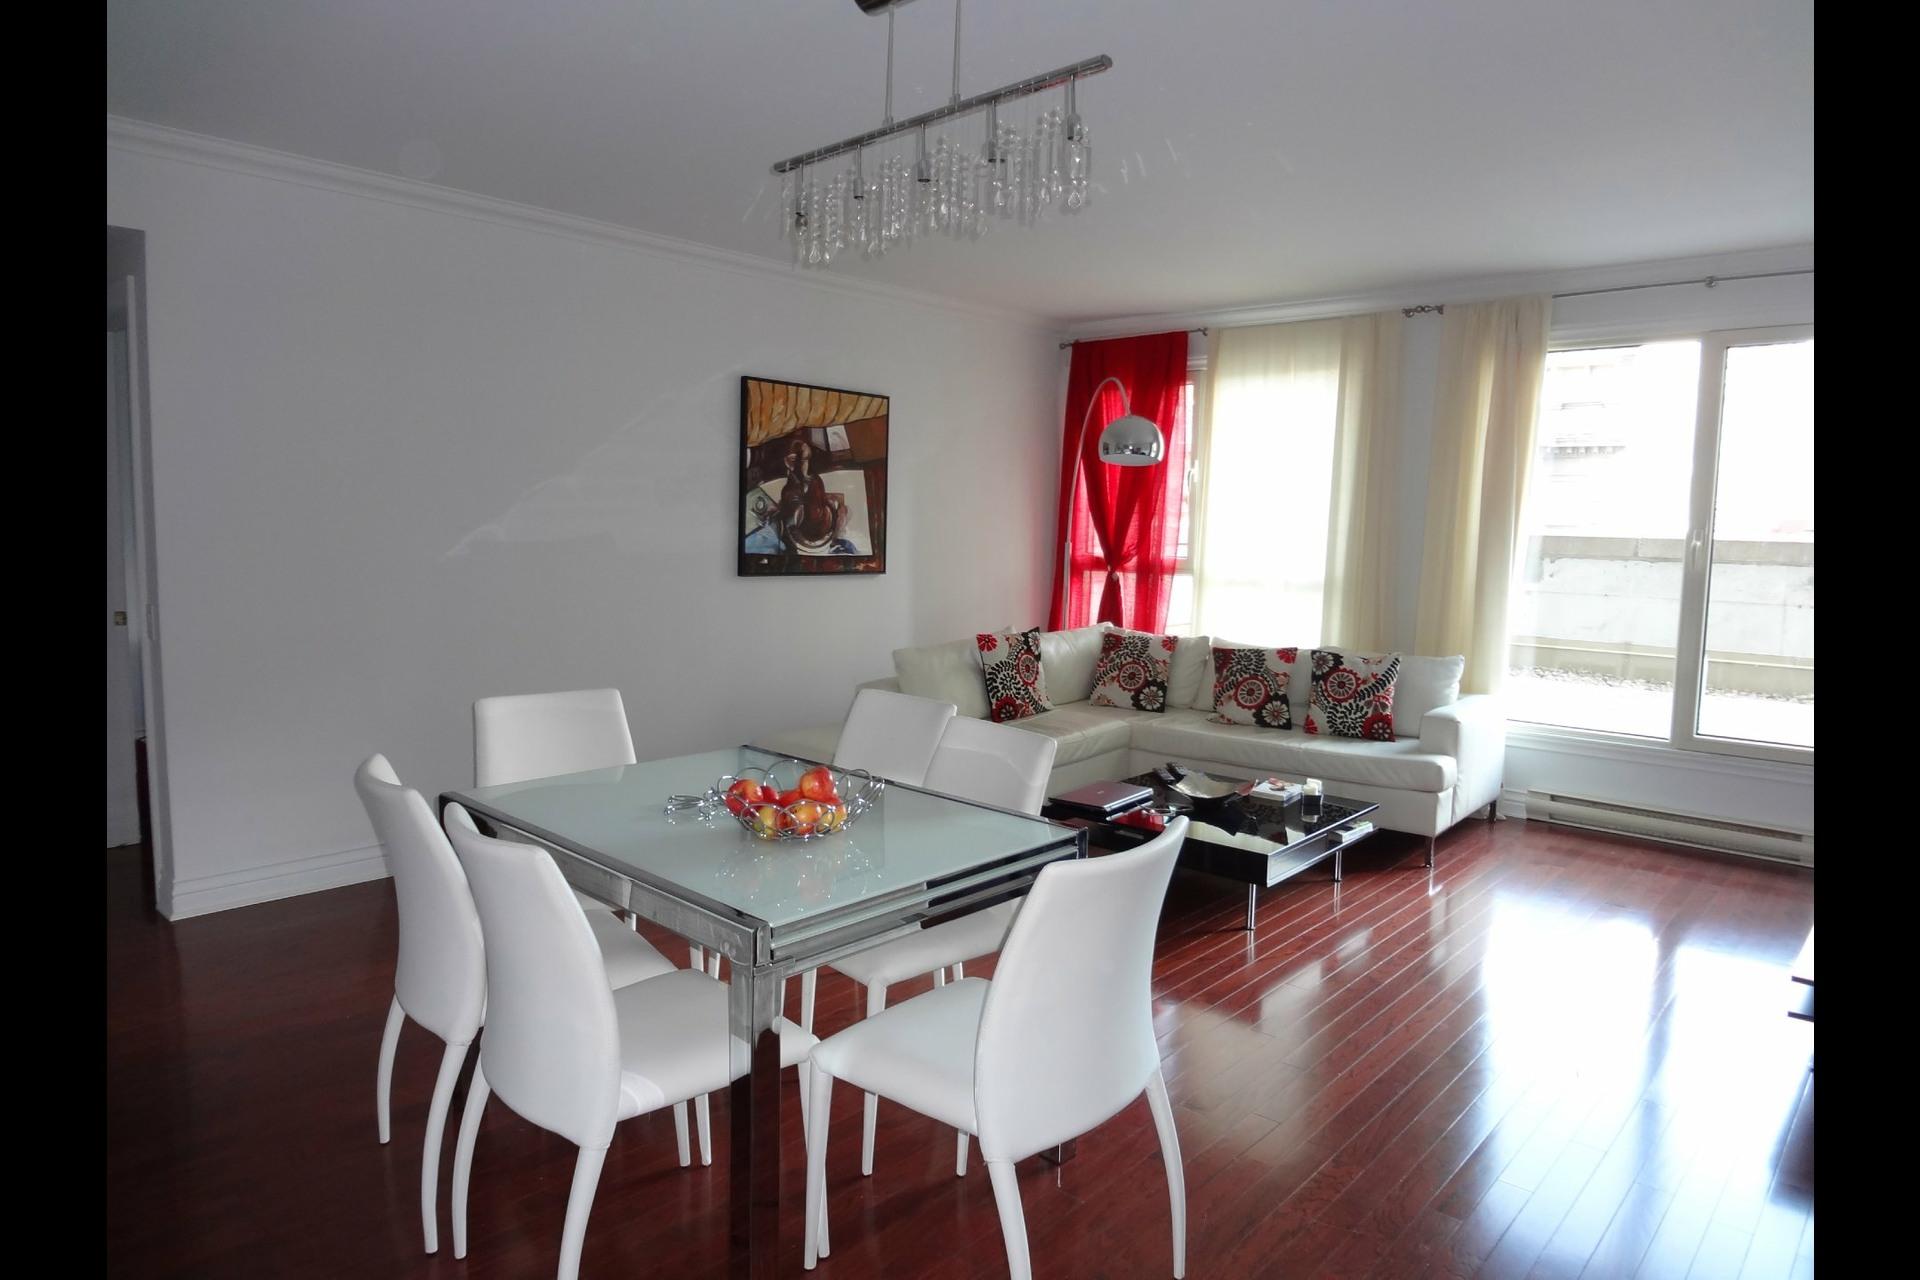 image 3 - Appartement À louer Montréal Ville-Marie  - 5 pièces